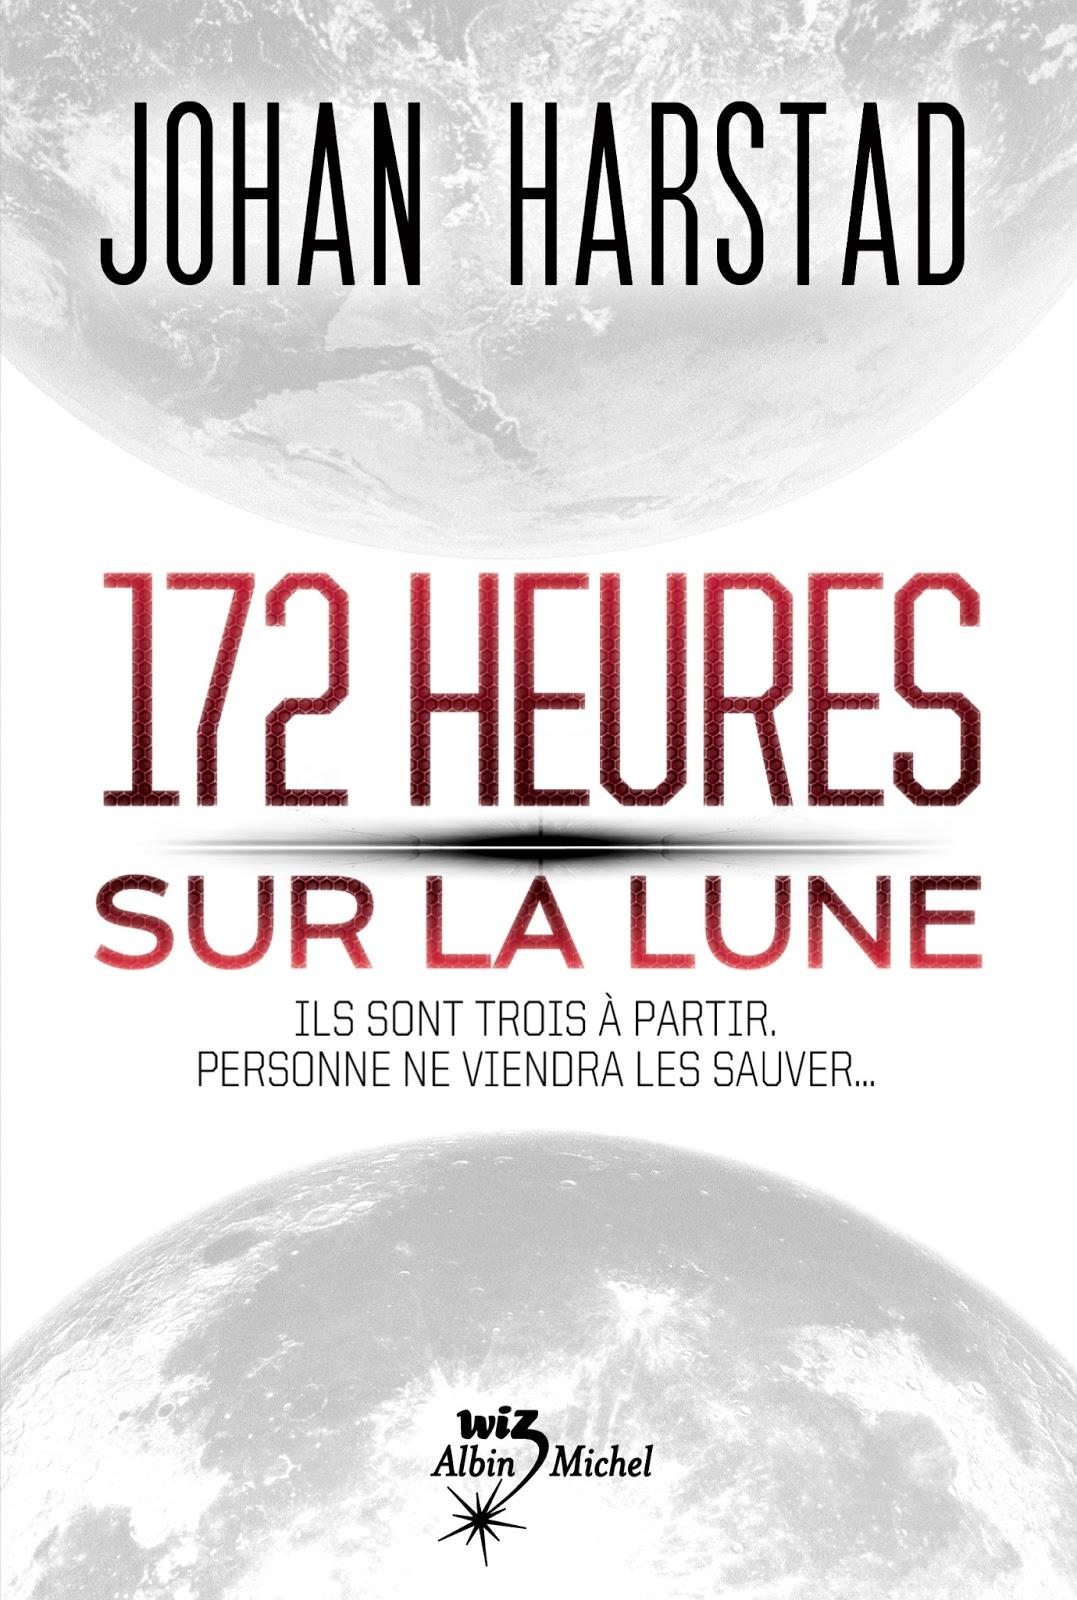 172 heures sur la Lune - Johan HarstadAlbin Michel, 2013- Prix : 19,50€ISBN : 978-2-226-24738-4